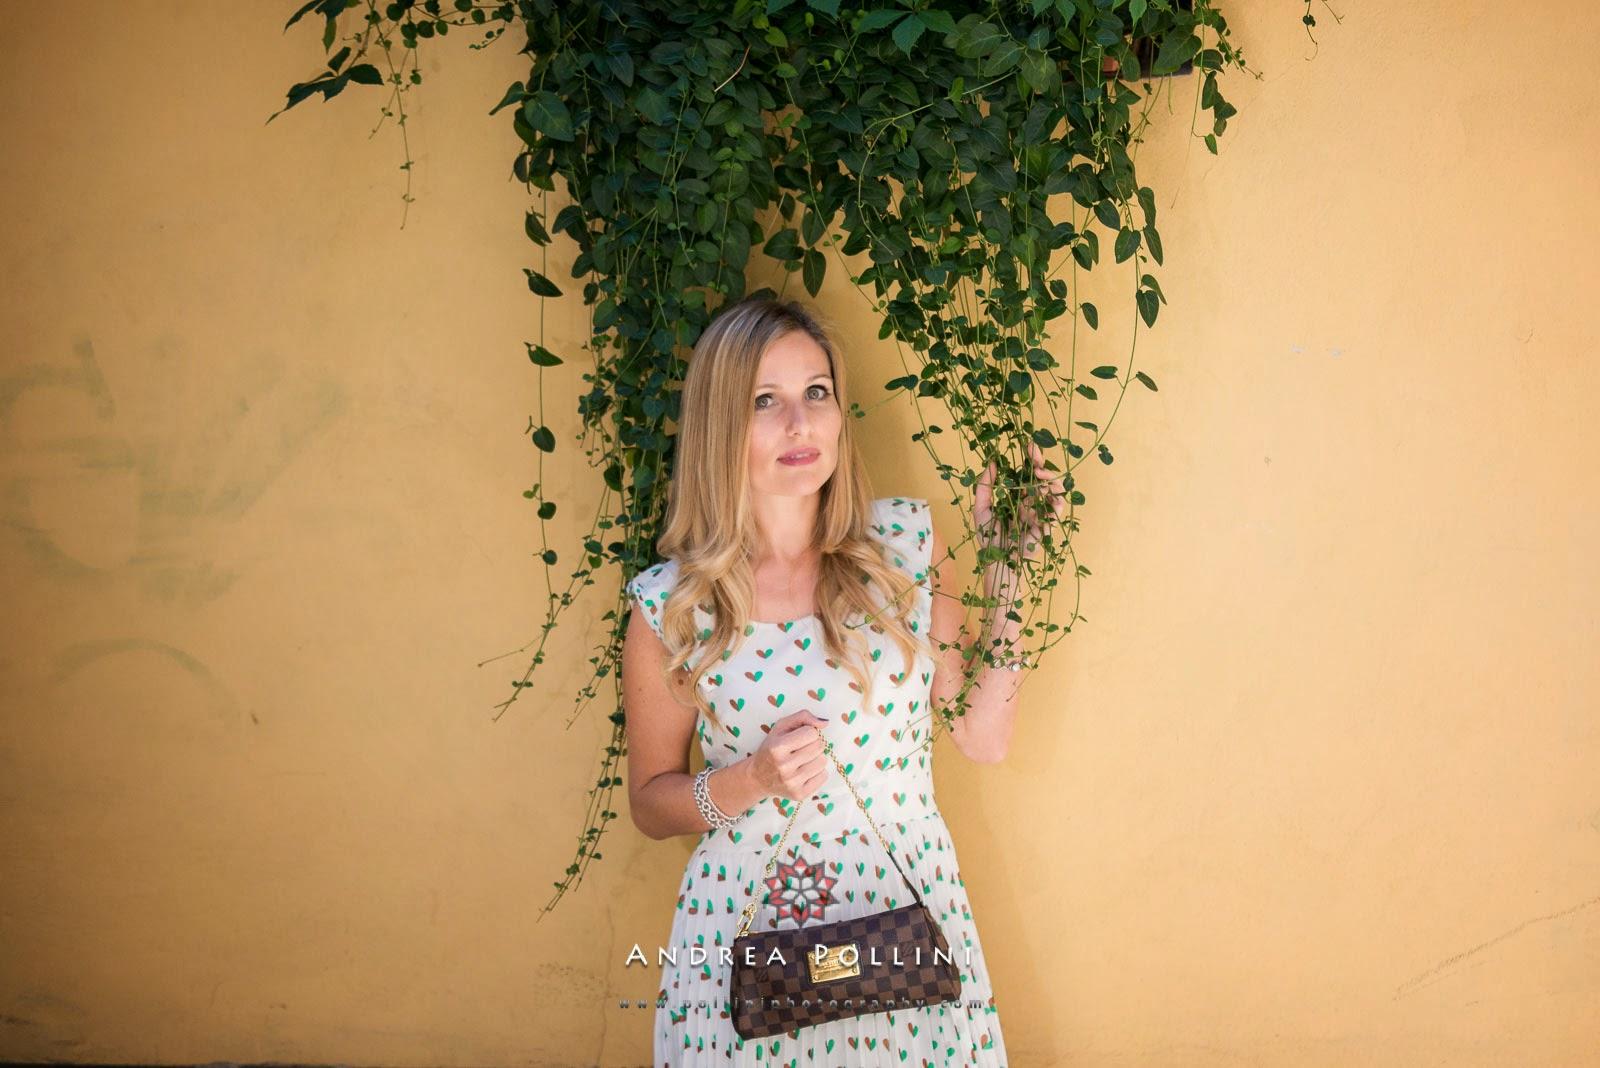 Eniwhere Fashion - Andrea Pollini - Brescia